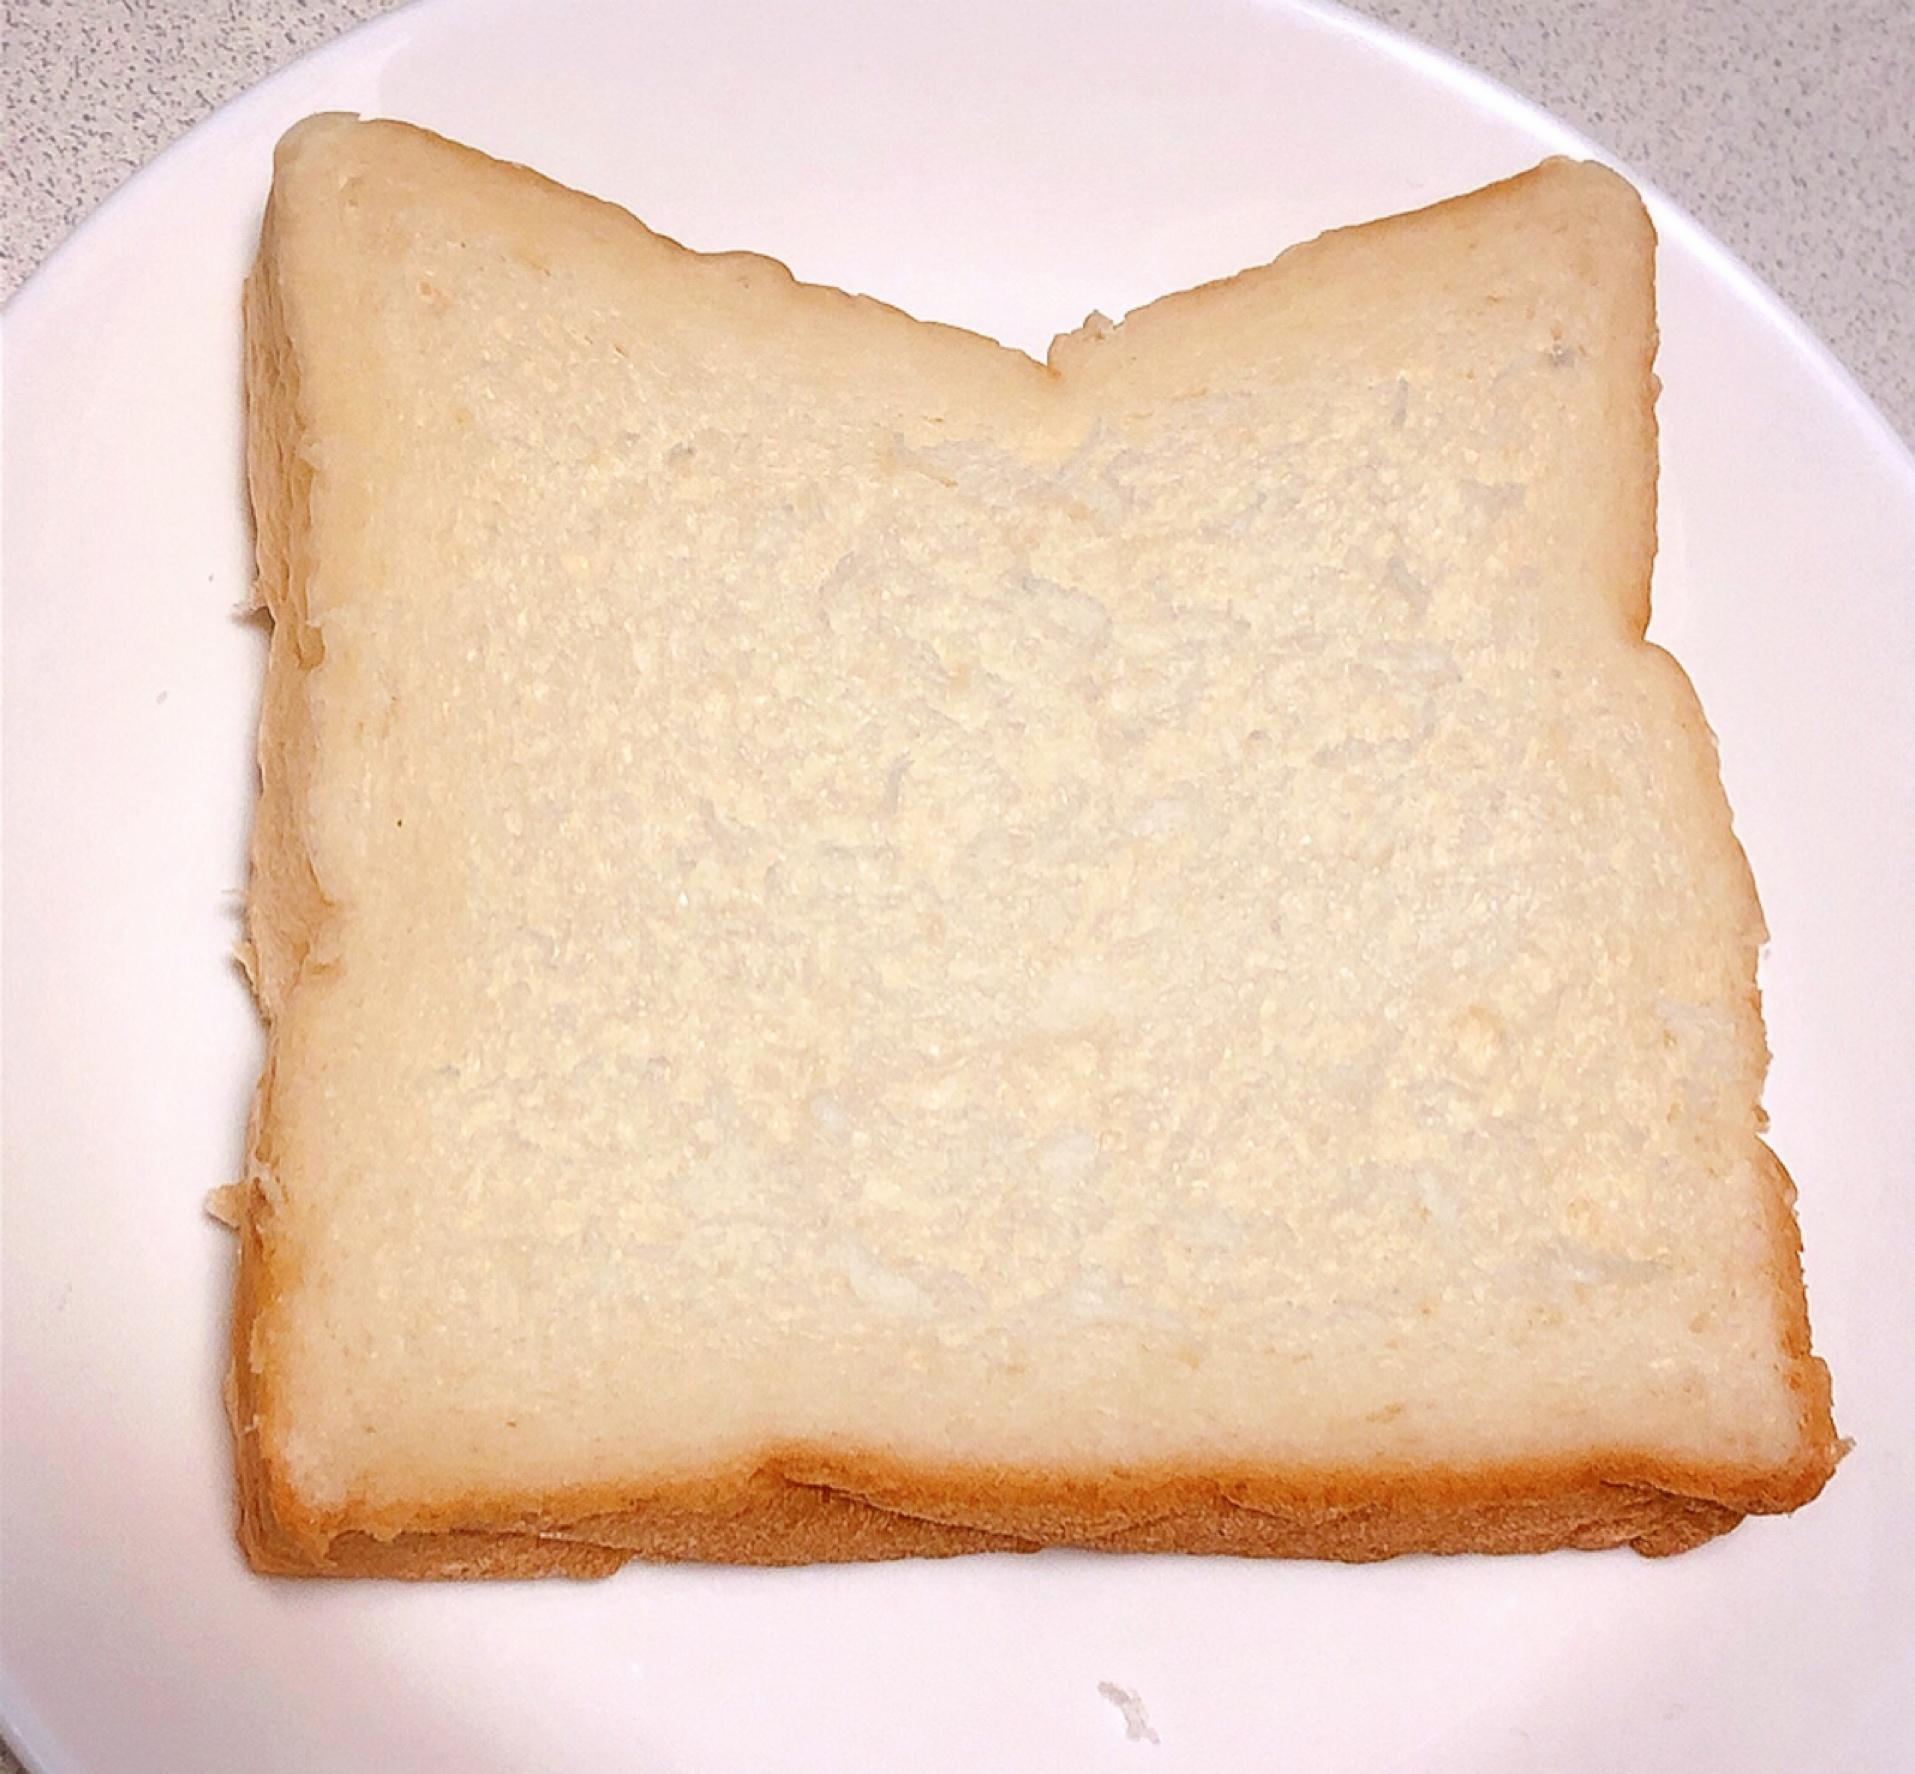 【乃が美】全国151店舗!そのまま食べても美味しい高級生食パン*おうちで絶品フレンチトーストにアレンジ( ´ ▽ ` )♡_4